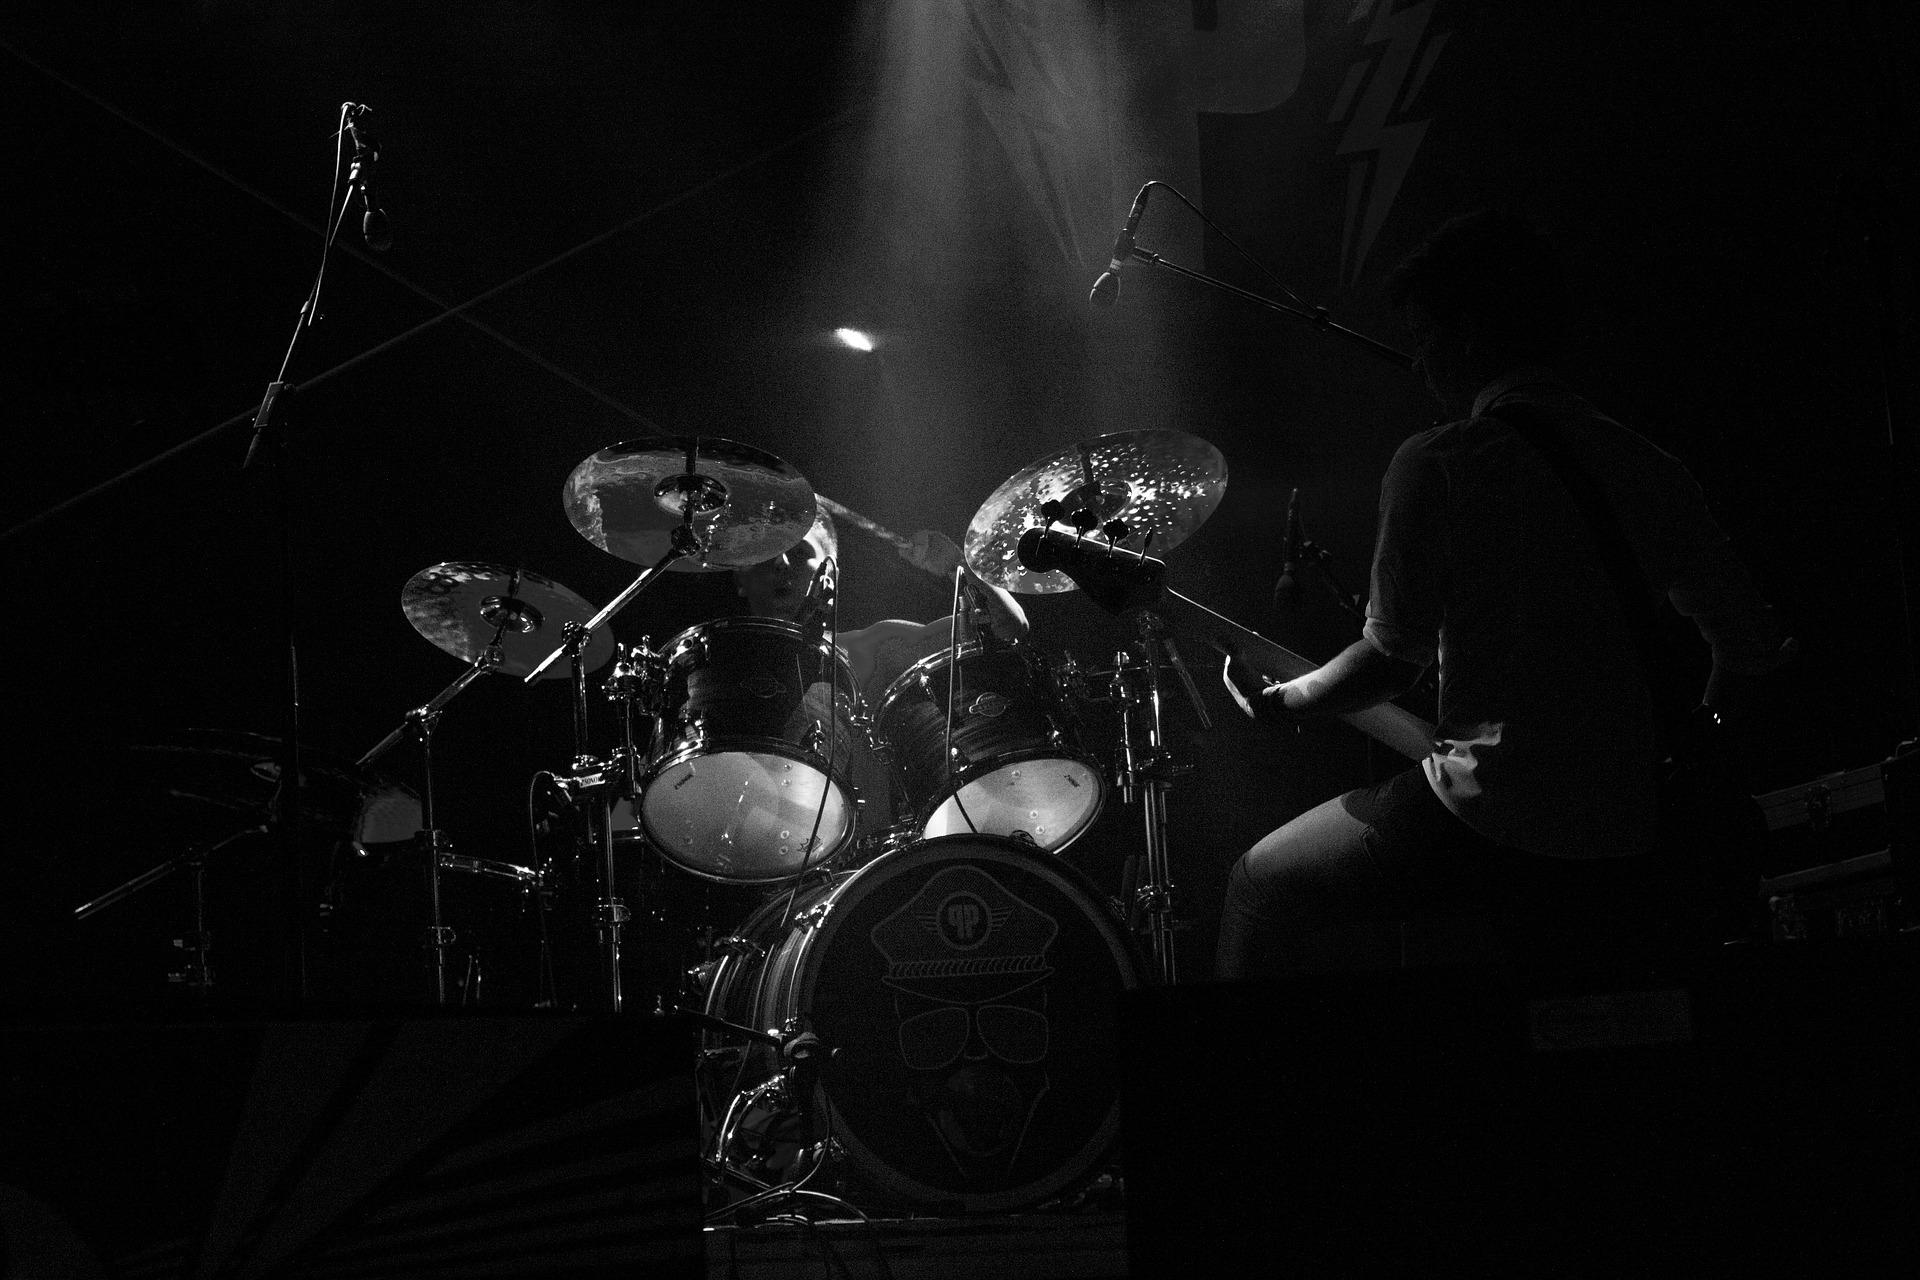 drums-2708194_1920.jpg